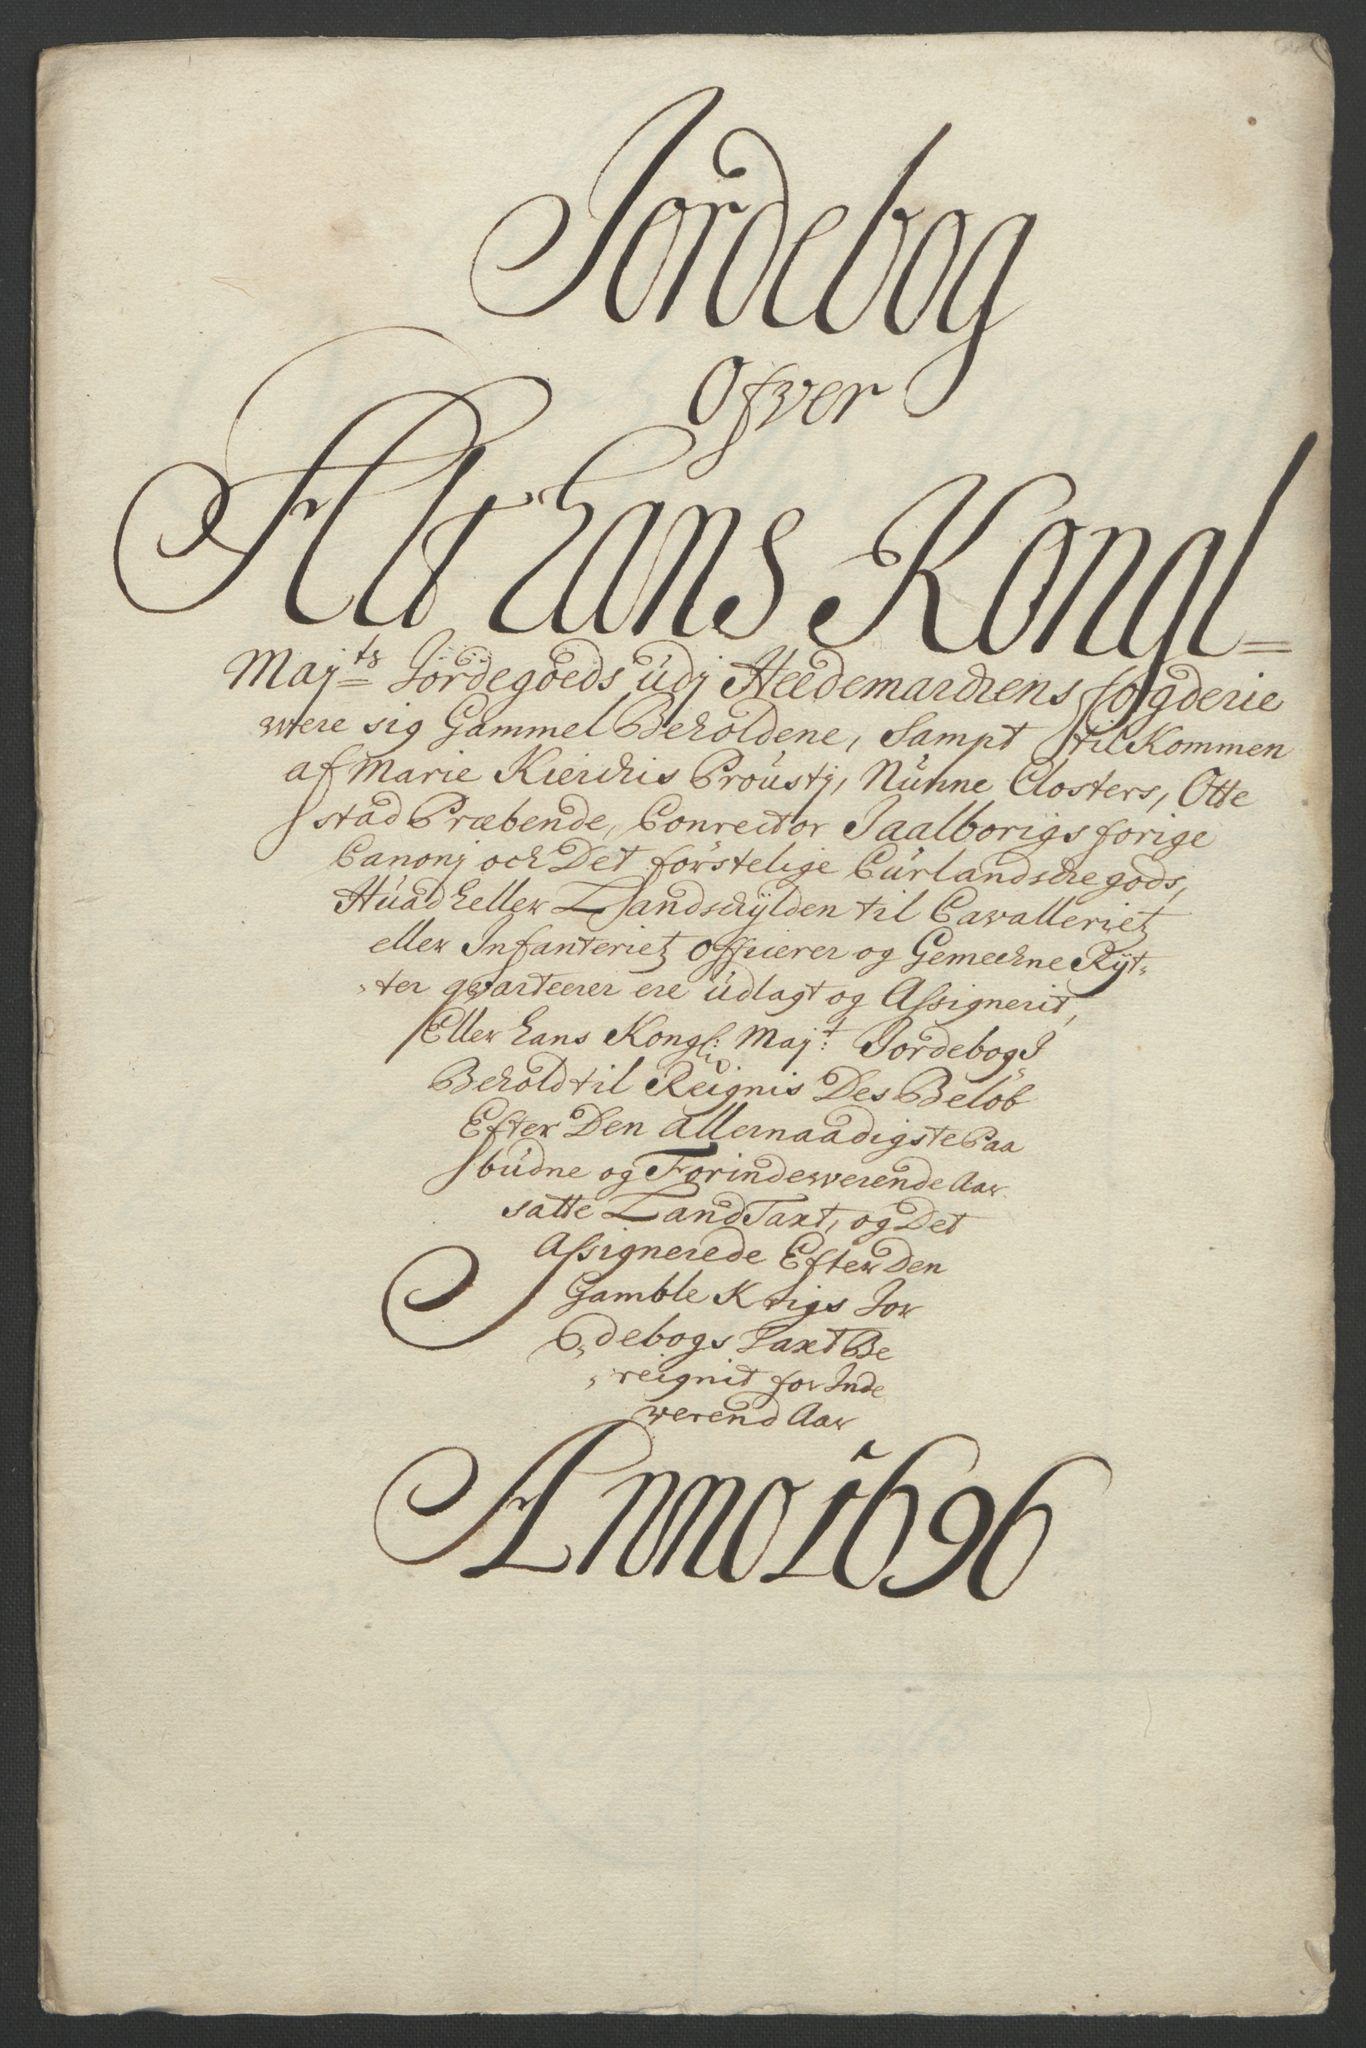 RA, Rentekammeret inntil 1814, Reviderte regnskaper, Fogderegnskap, R16/L1036: Fogderegnskap Hedmark, 1695-1696, s. 292